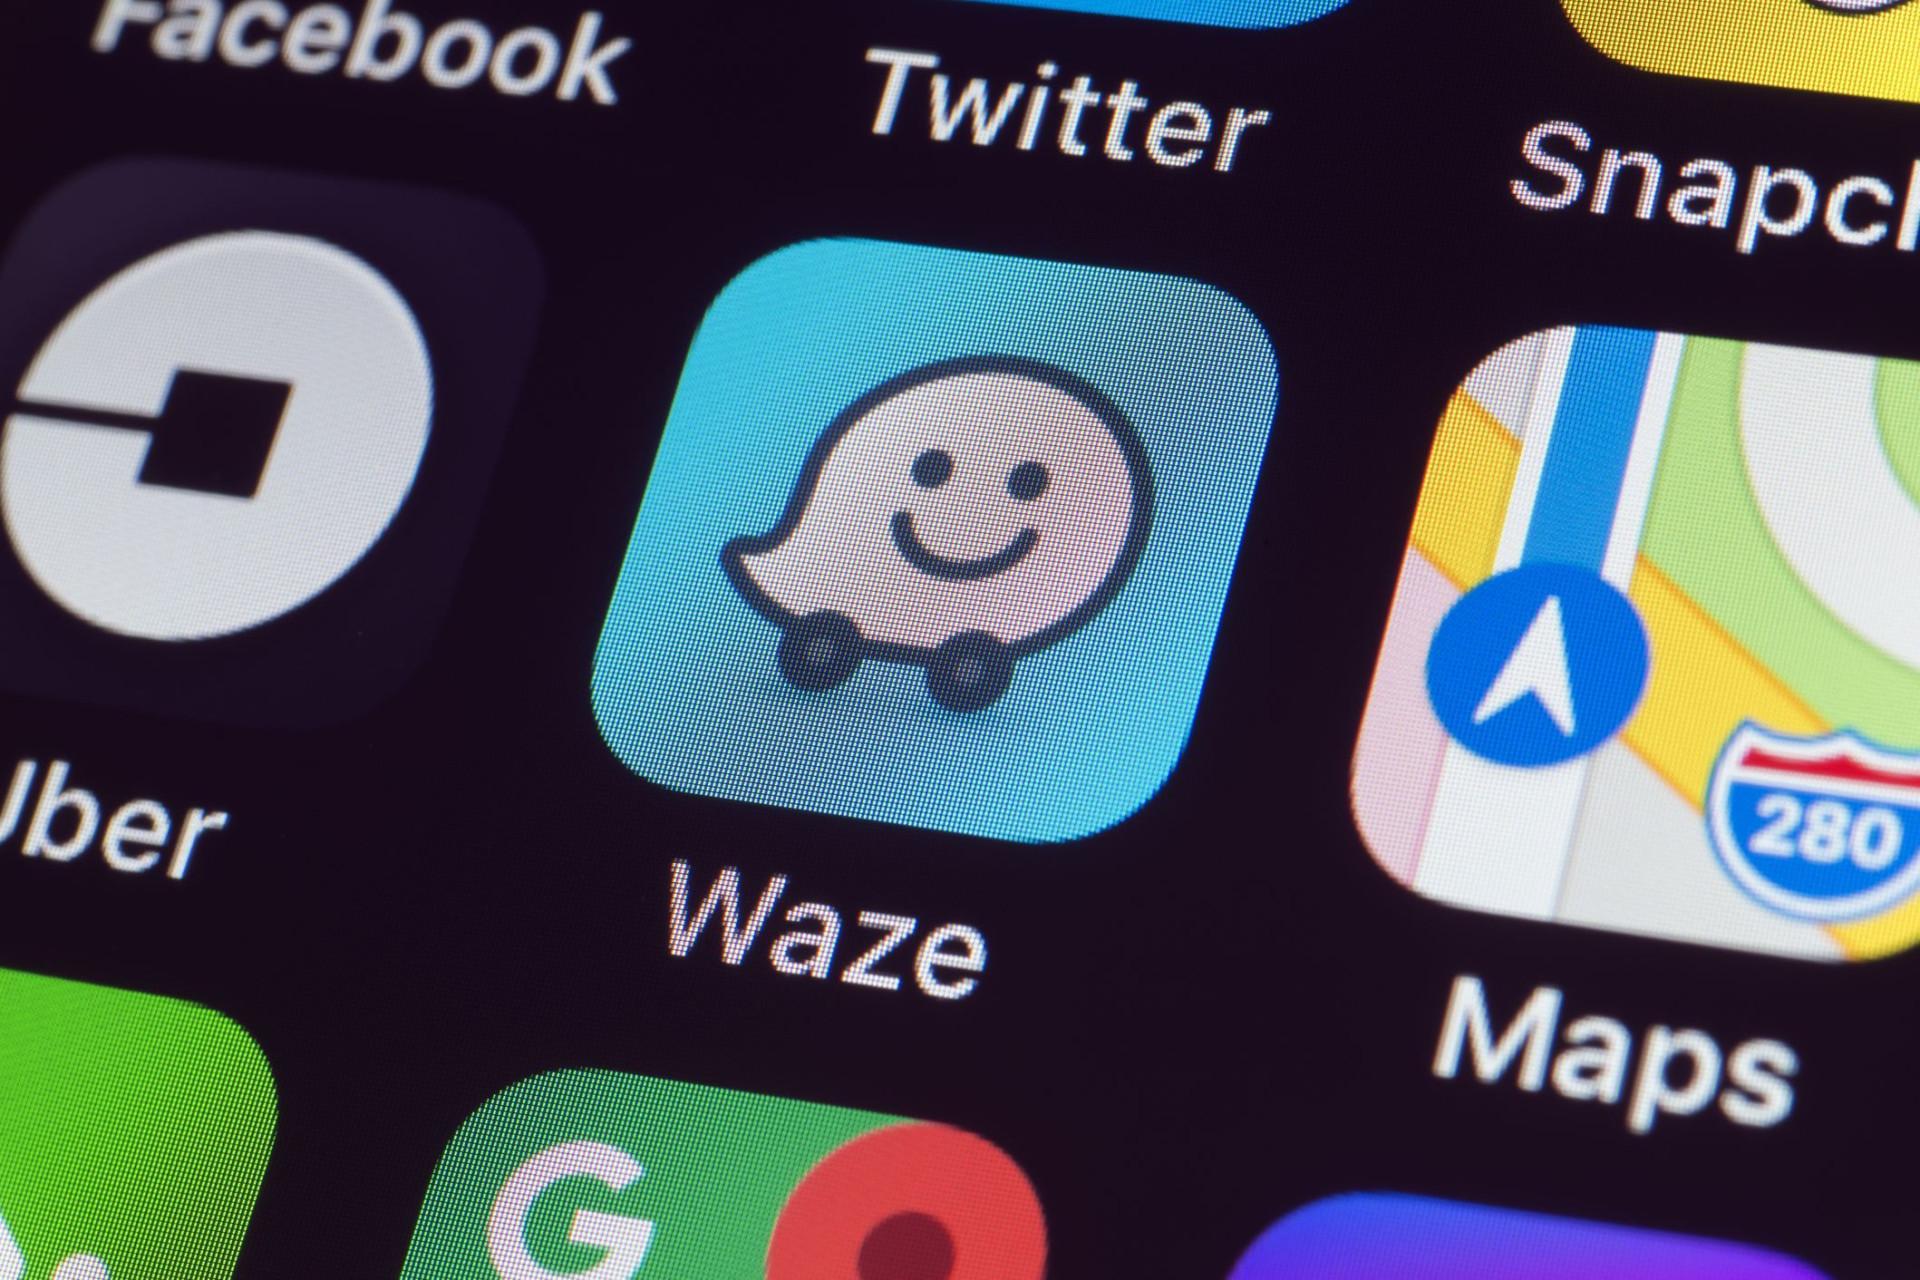 Cinco dicas para usar melhor o Waze